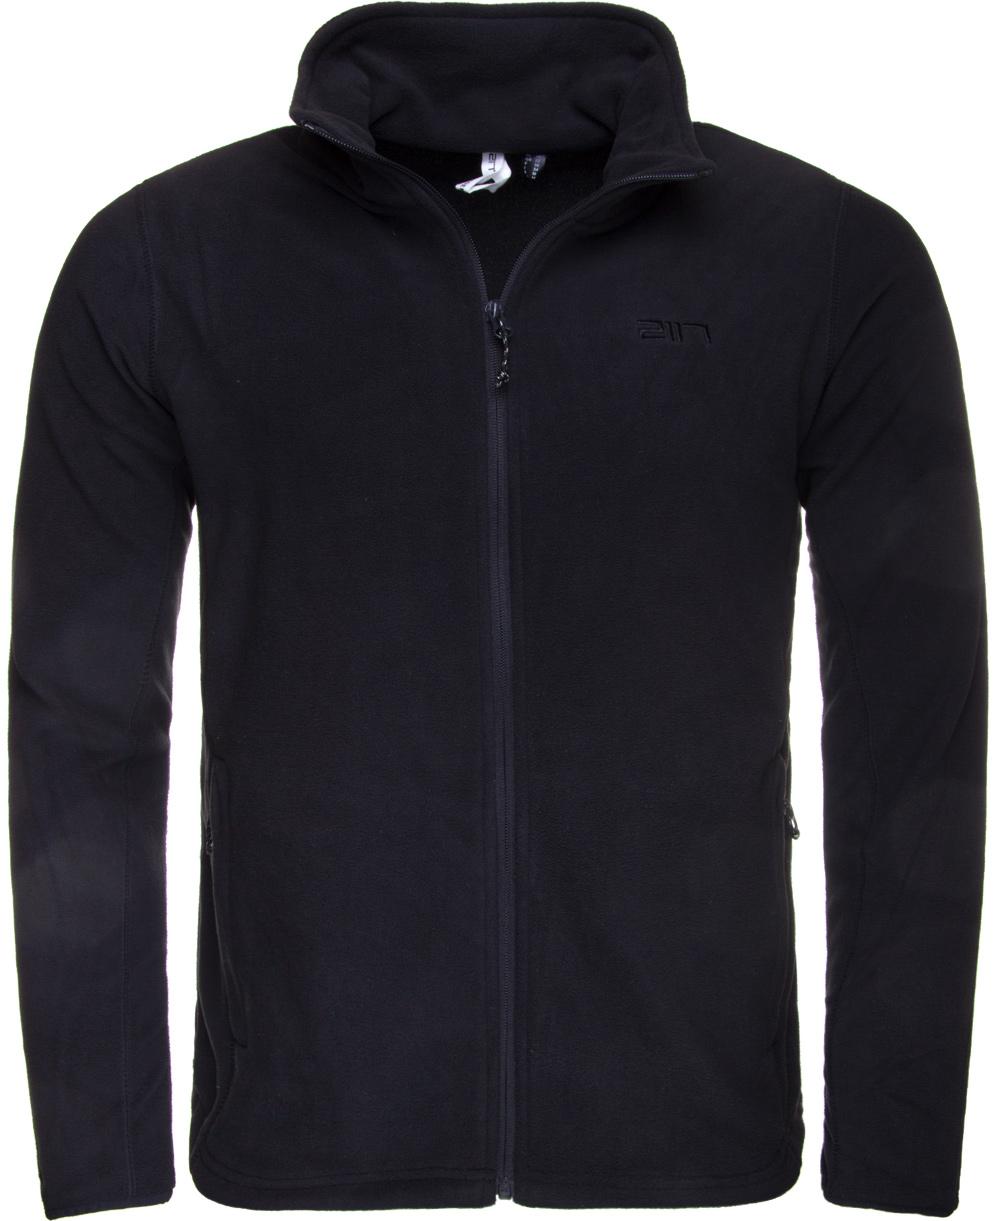 Men's hoodie 2117 SWEDEN LUND